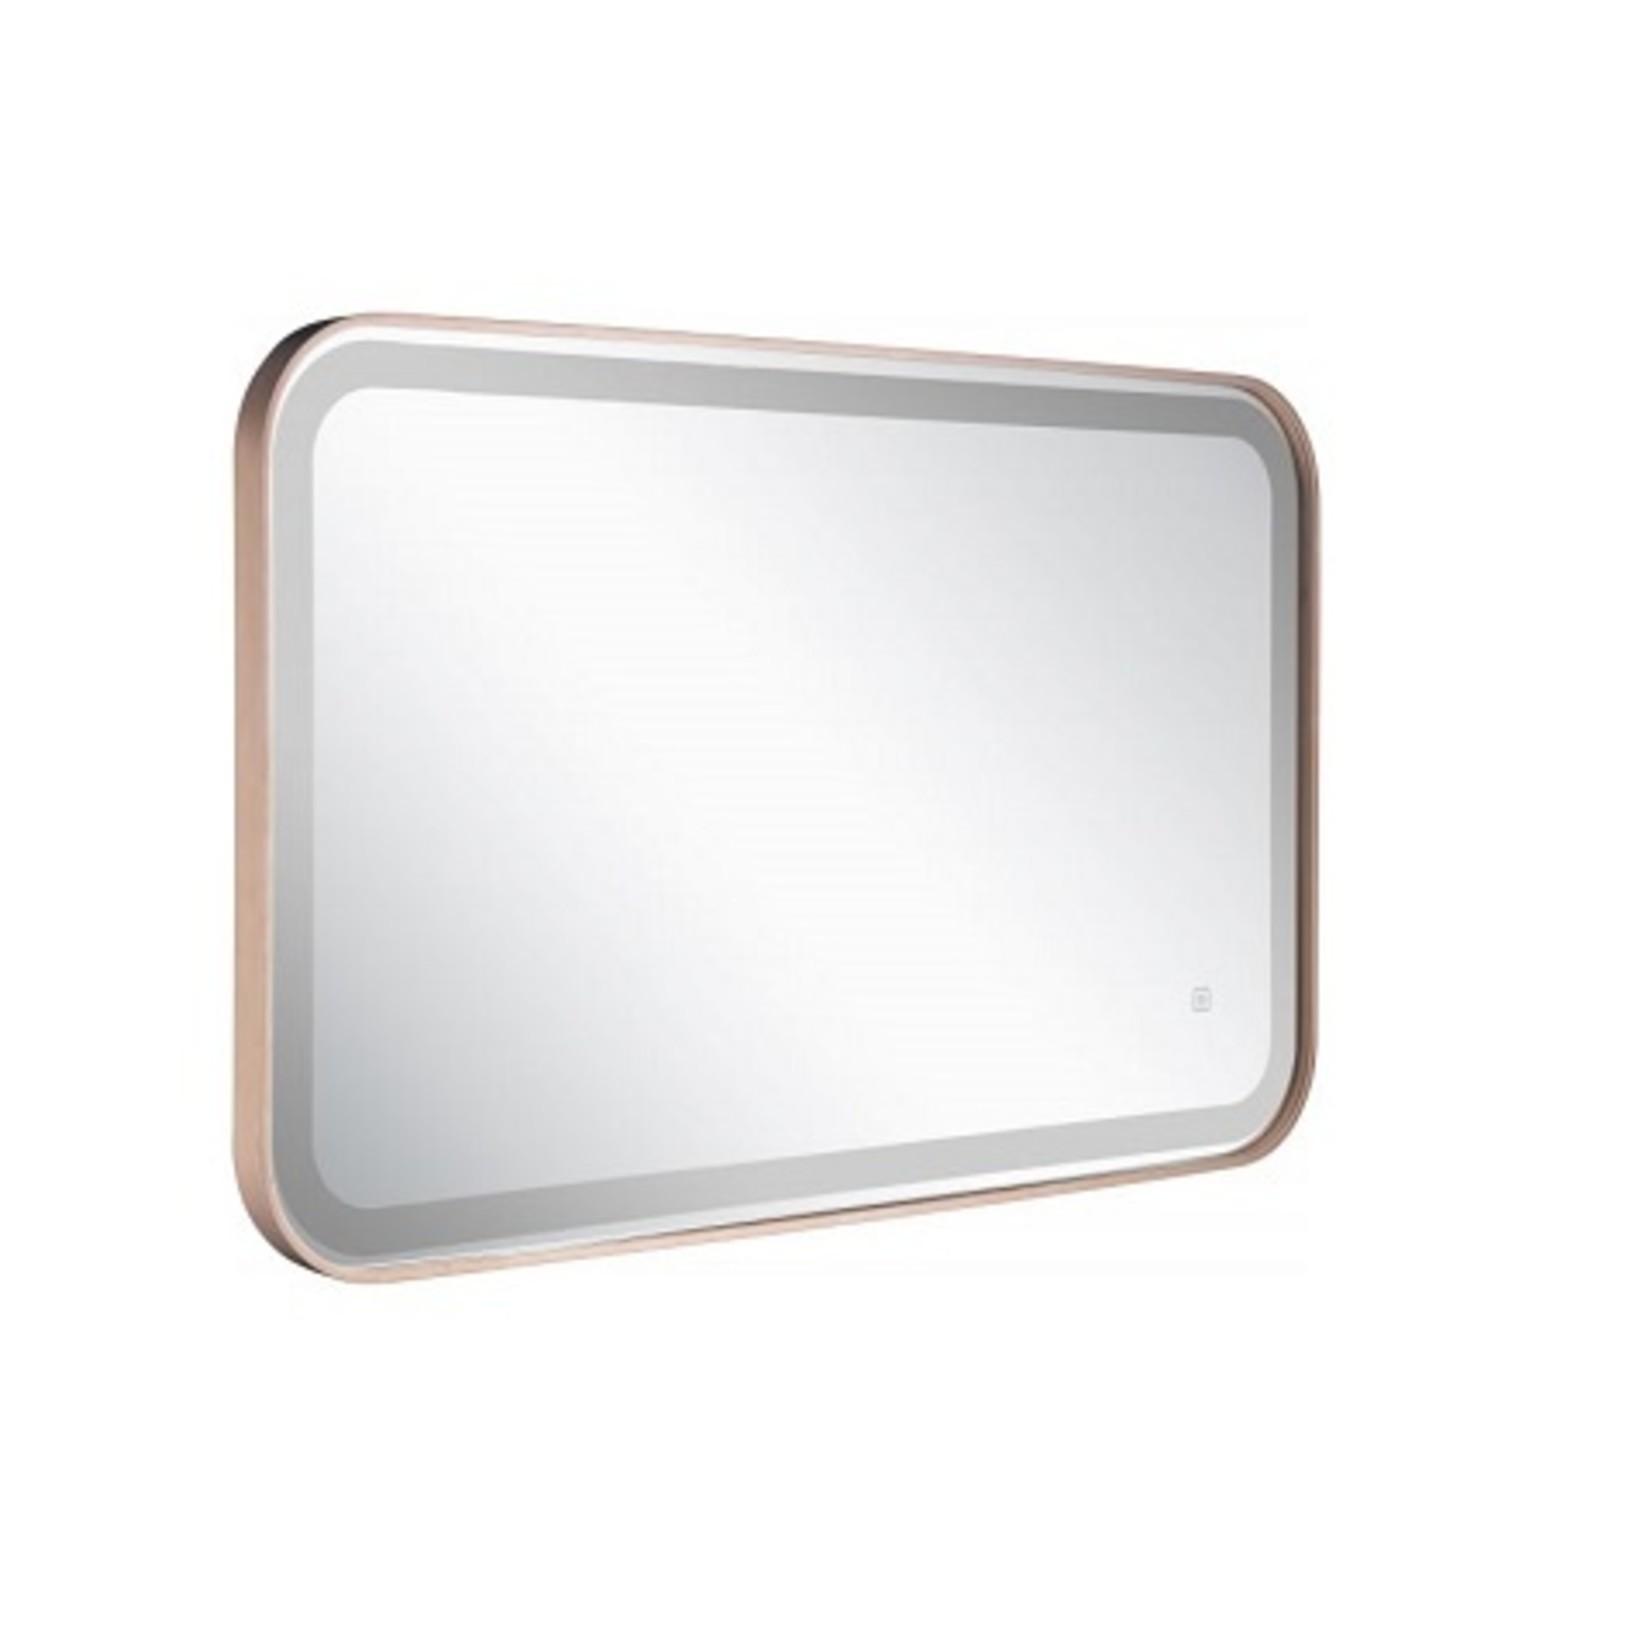 Miroir LED rectangulaire avec bordures noires arrondies AMH11B02-48